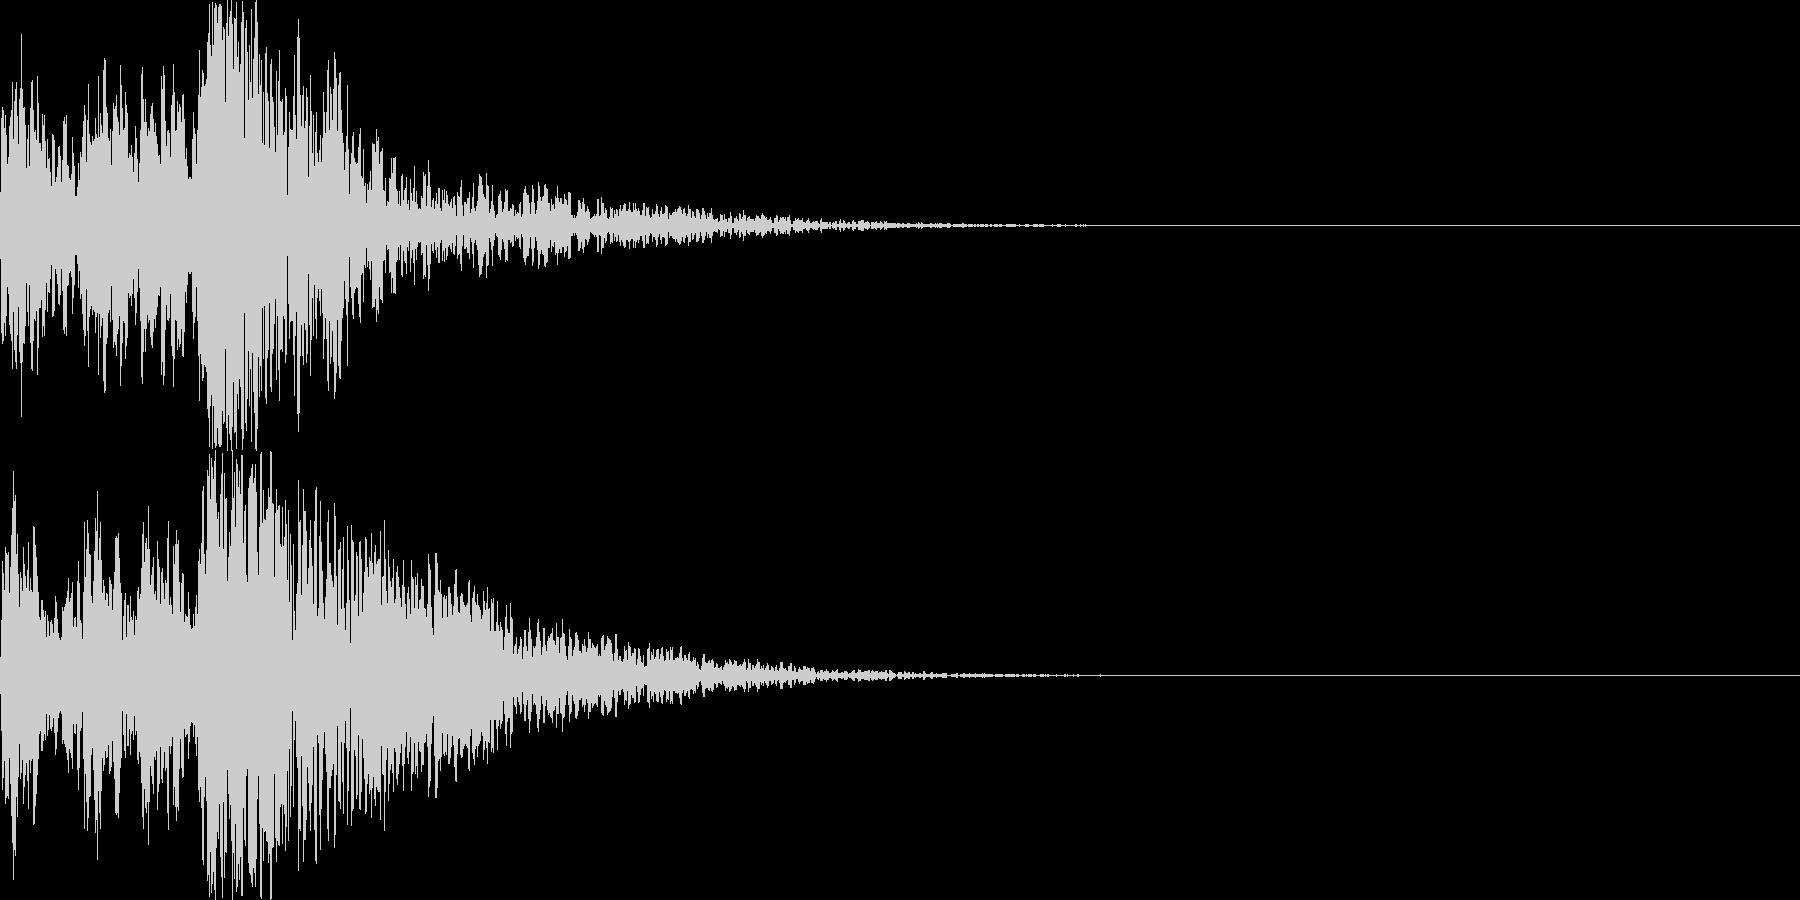 鼓(つづみ)太鼓のフレーズ ジングル2bの未再生の波形